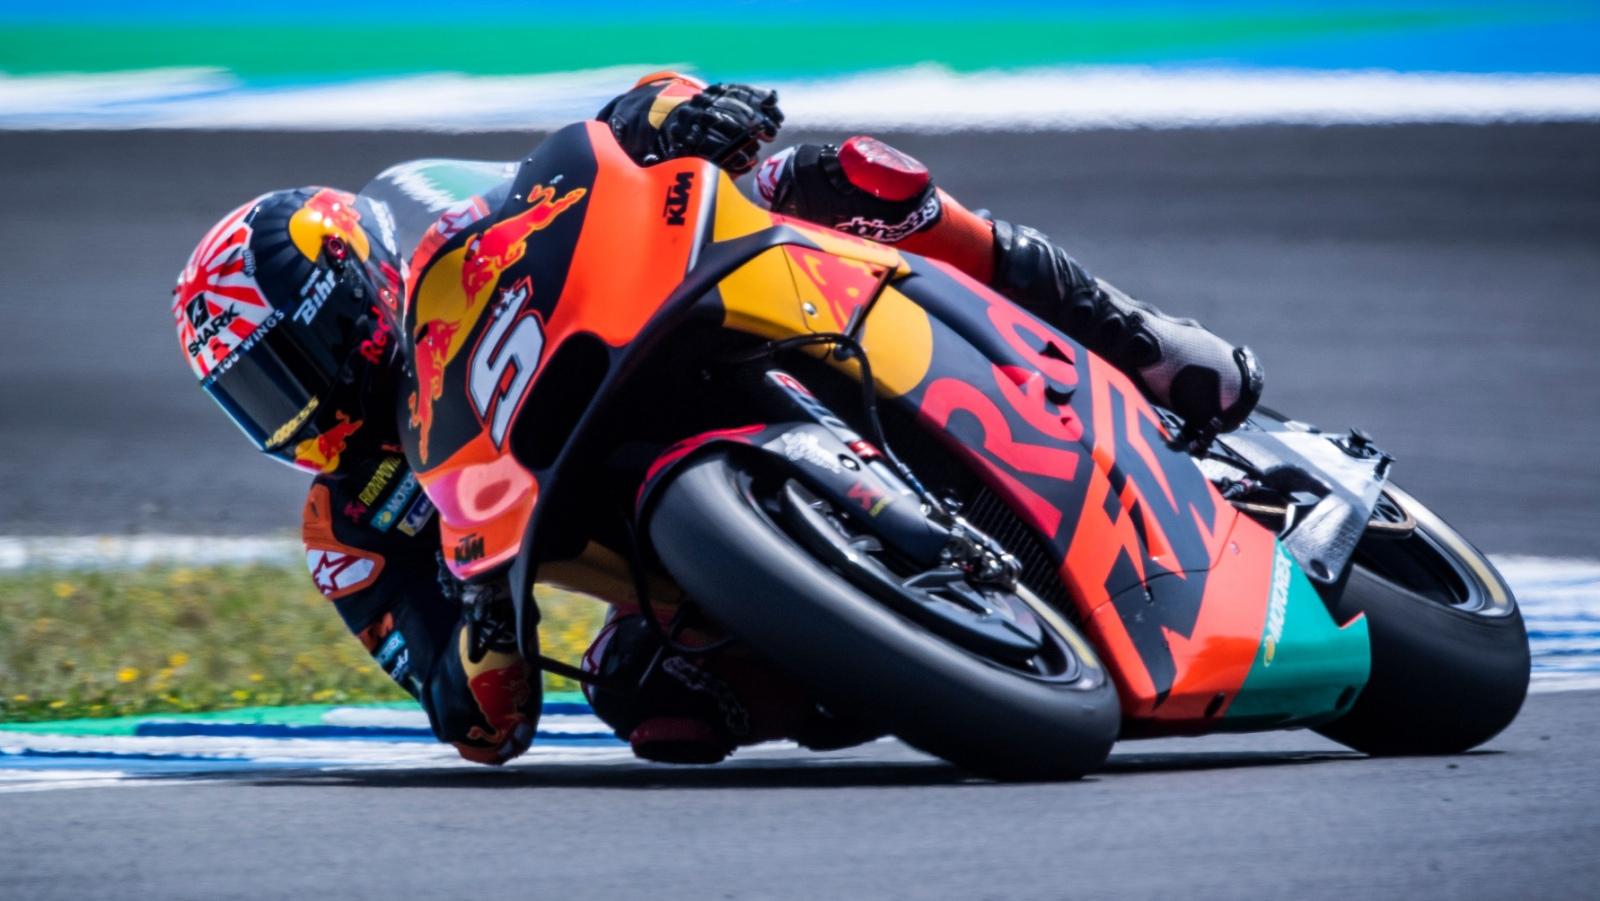 Johann Zarco ficha por Ducati y correrá en MotoGP 2020 con el Reale Avintia Racing